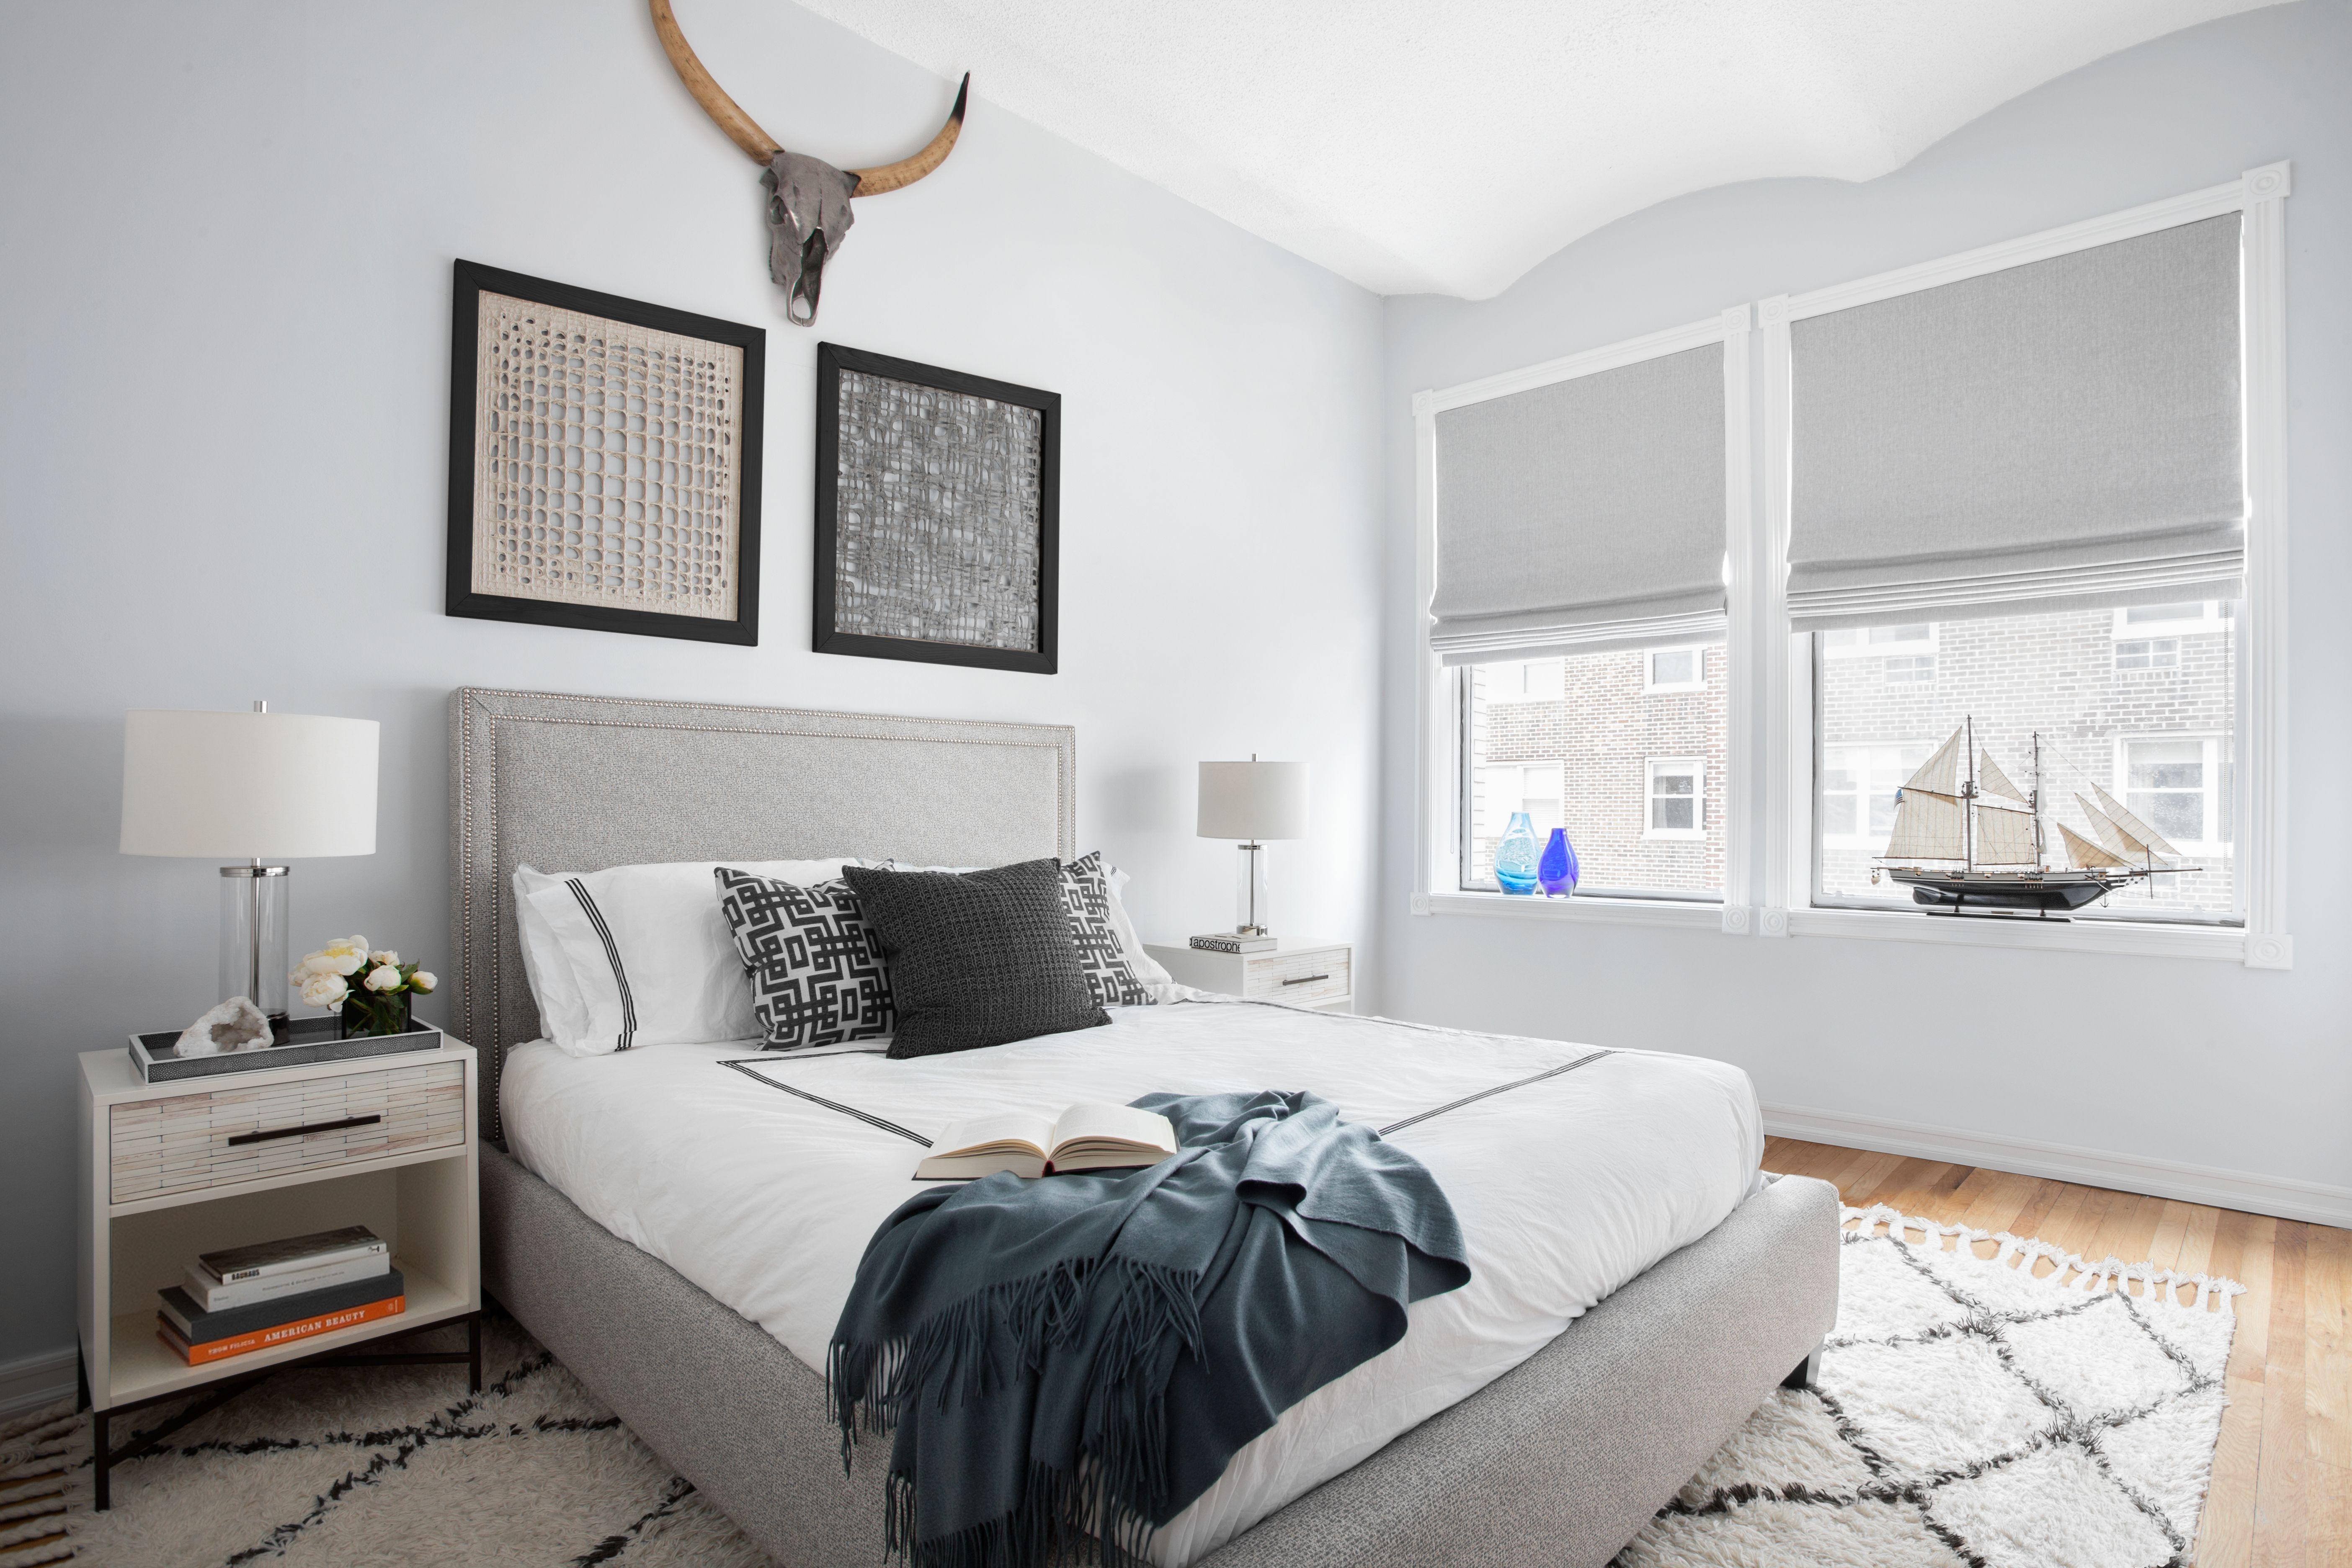 Gravity Home: Light Bachelor Pad in New York | interior | Pinterest ...